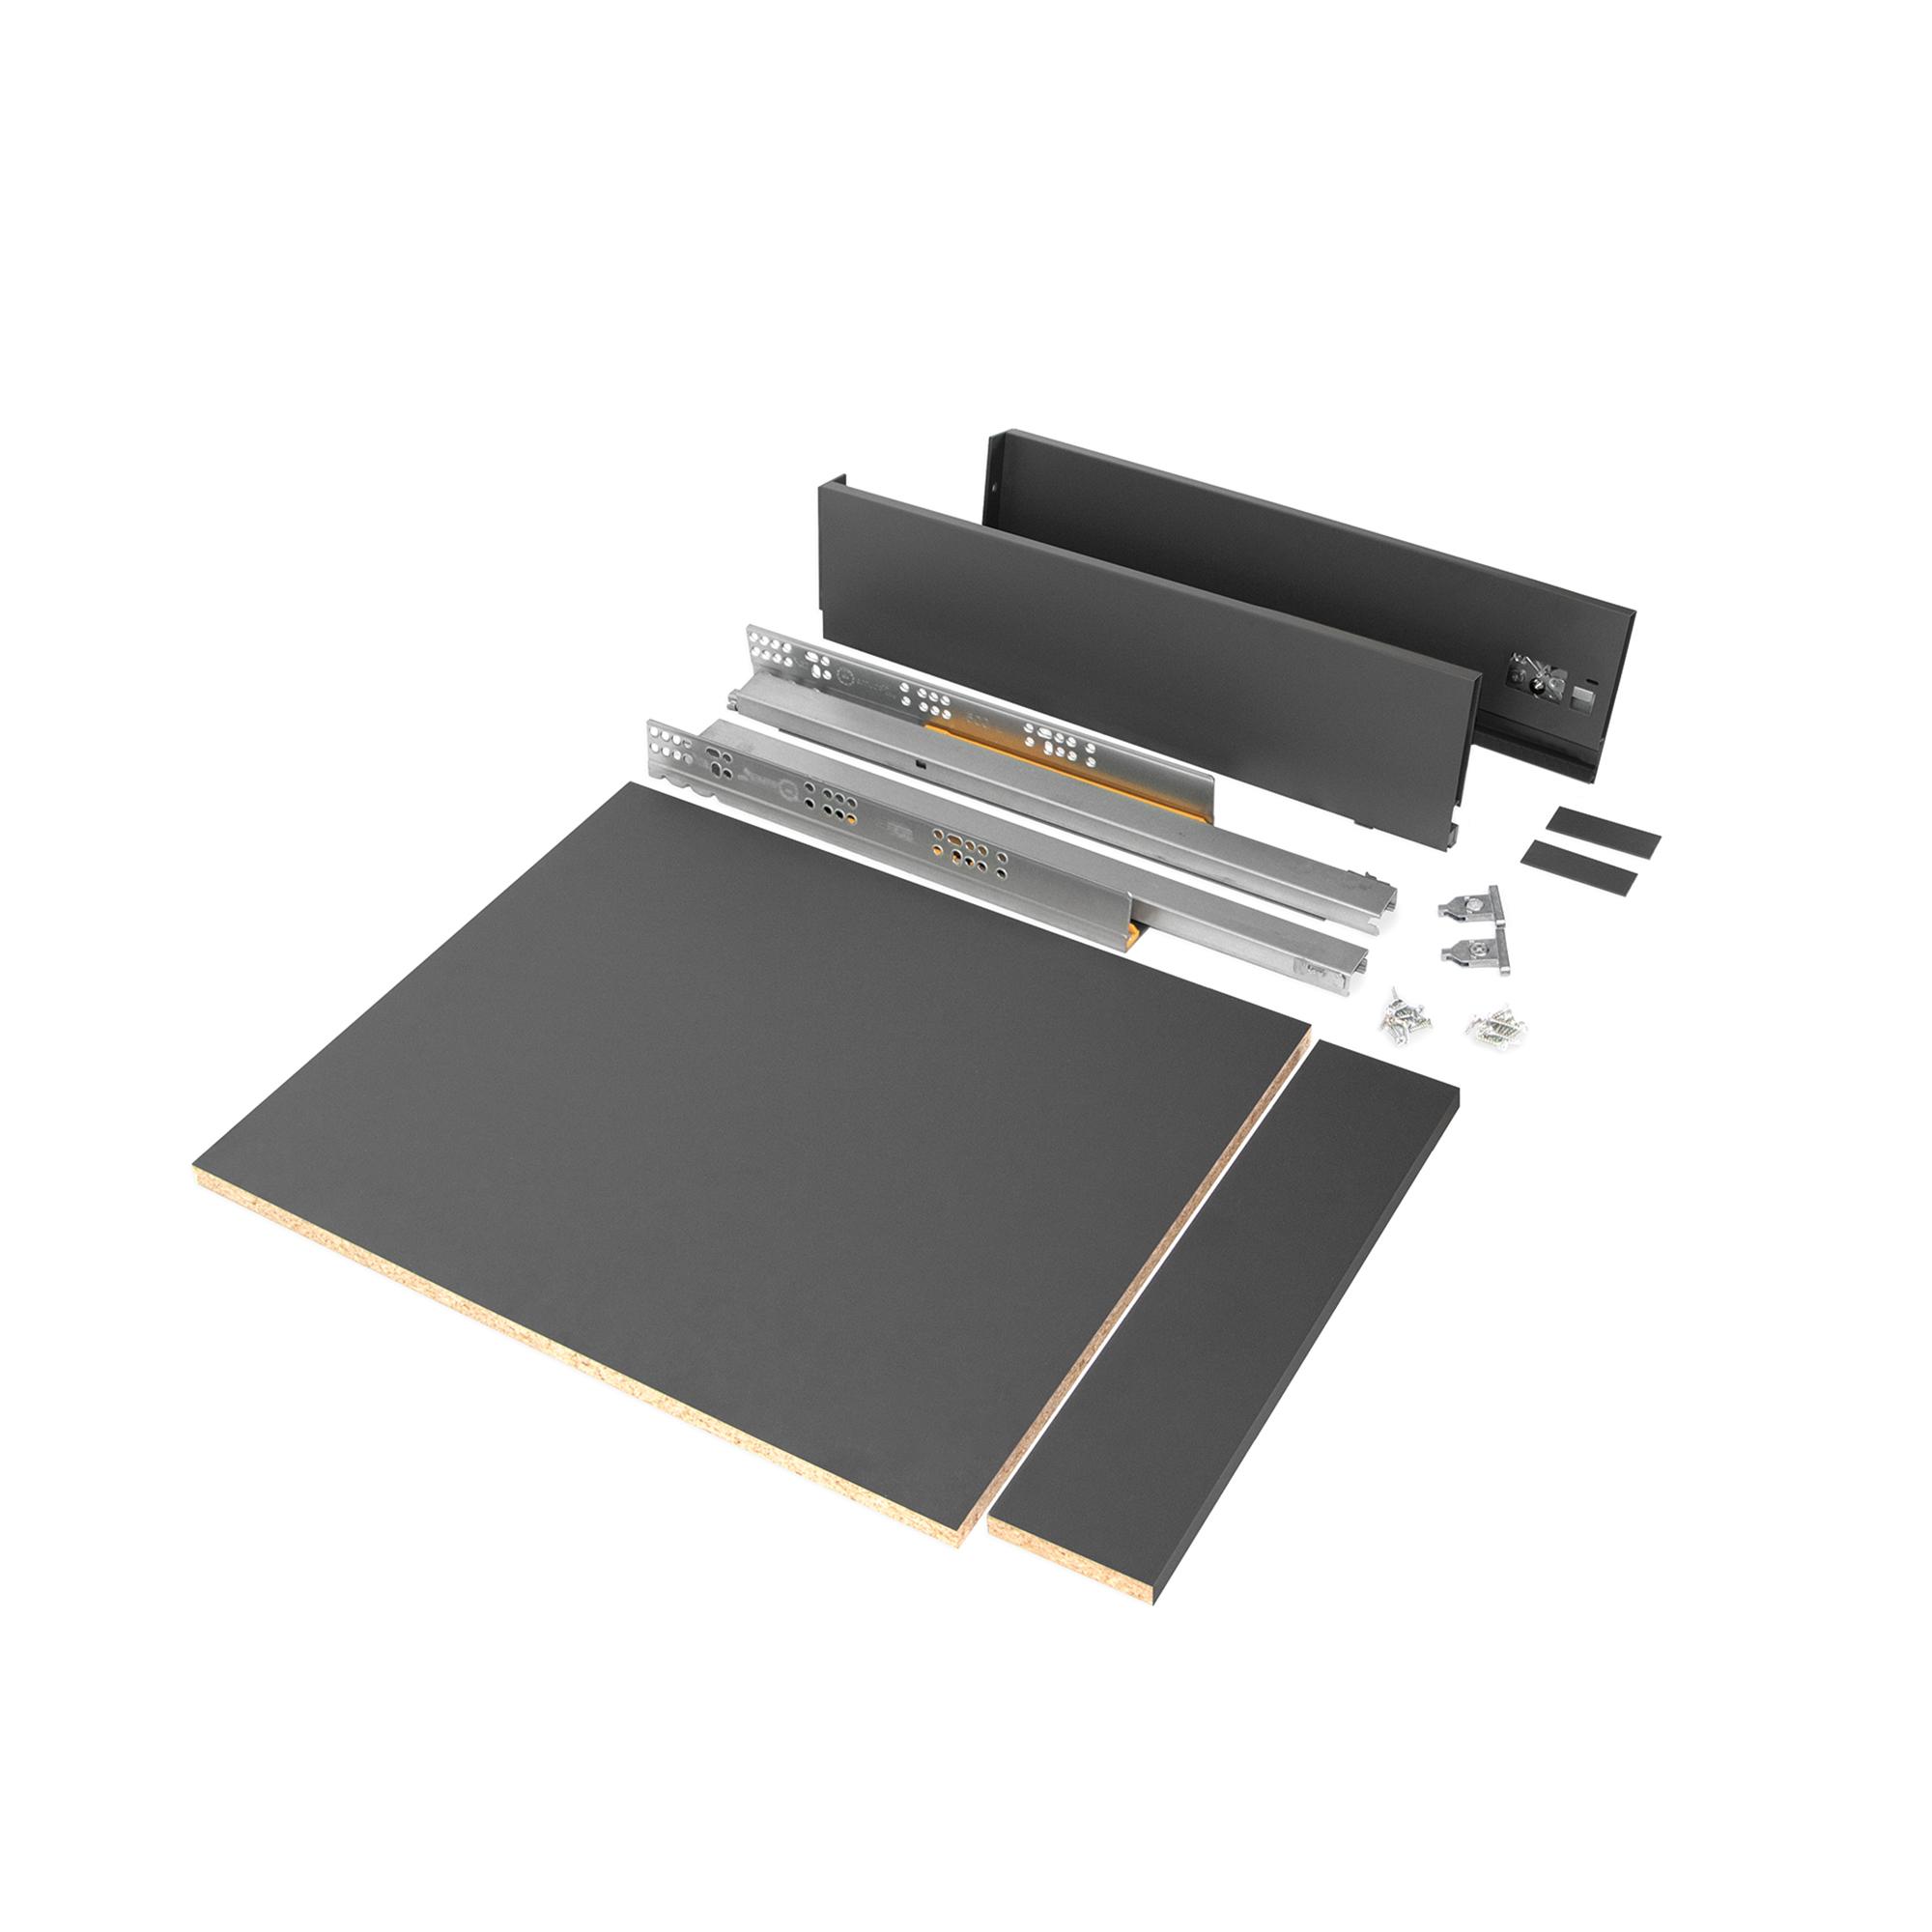 Emuca Kit cassetto per cucina o bagno con pannelli inclusi, chiusura soft, profondità 500 mm, altezza 93 mm, modulo 450 mm, Acci